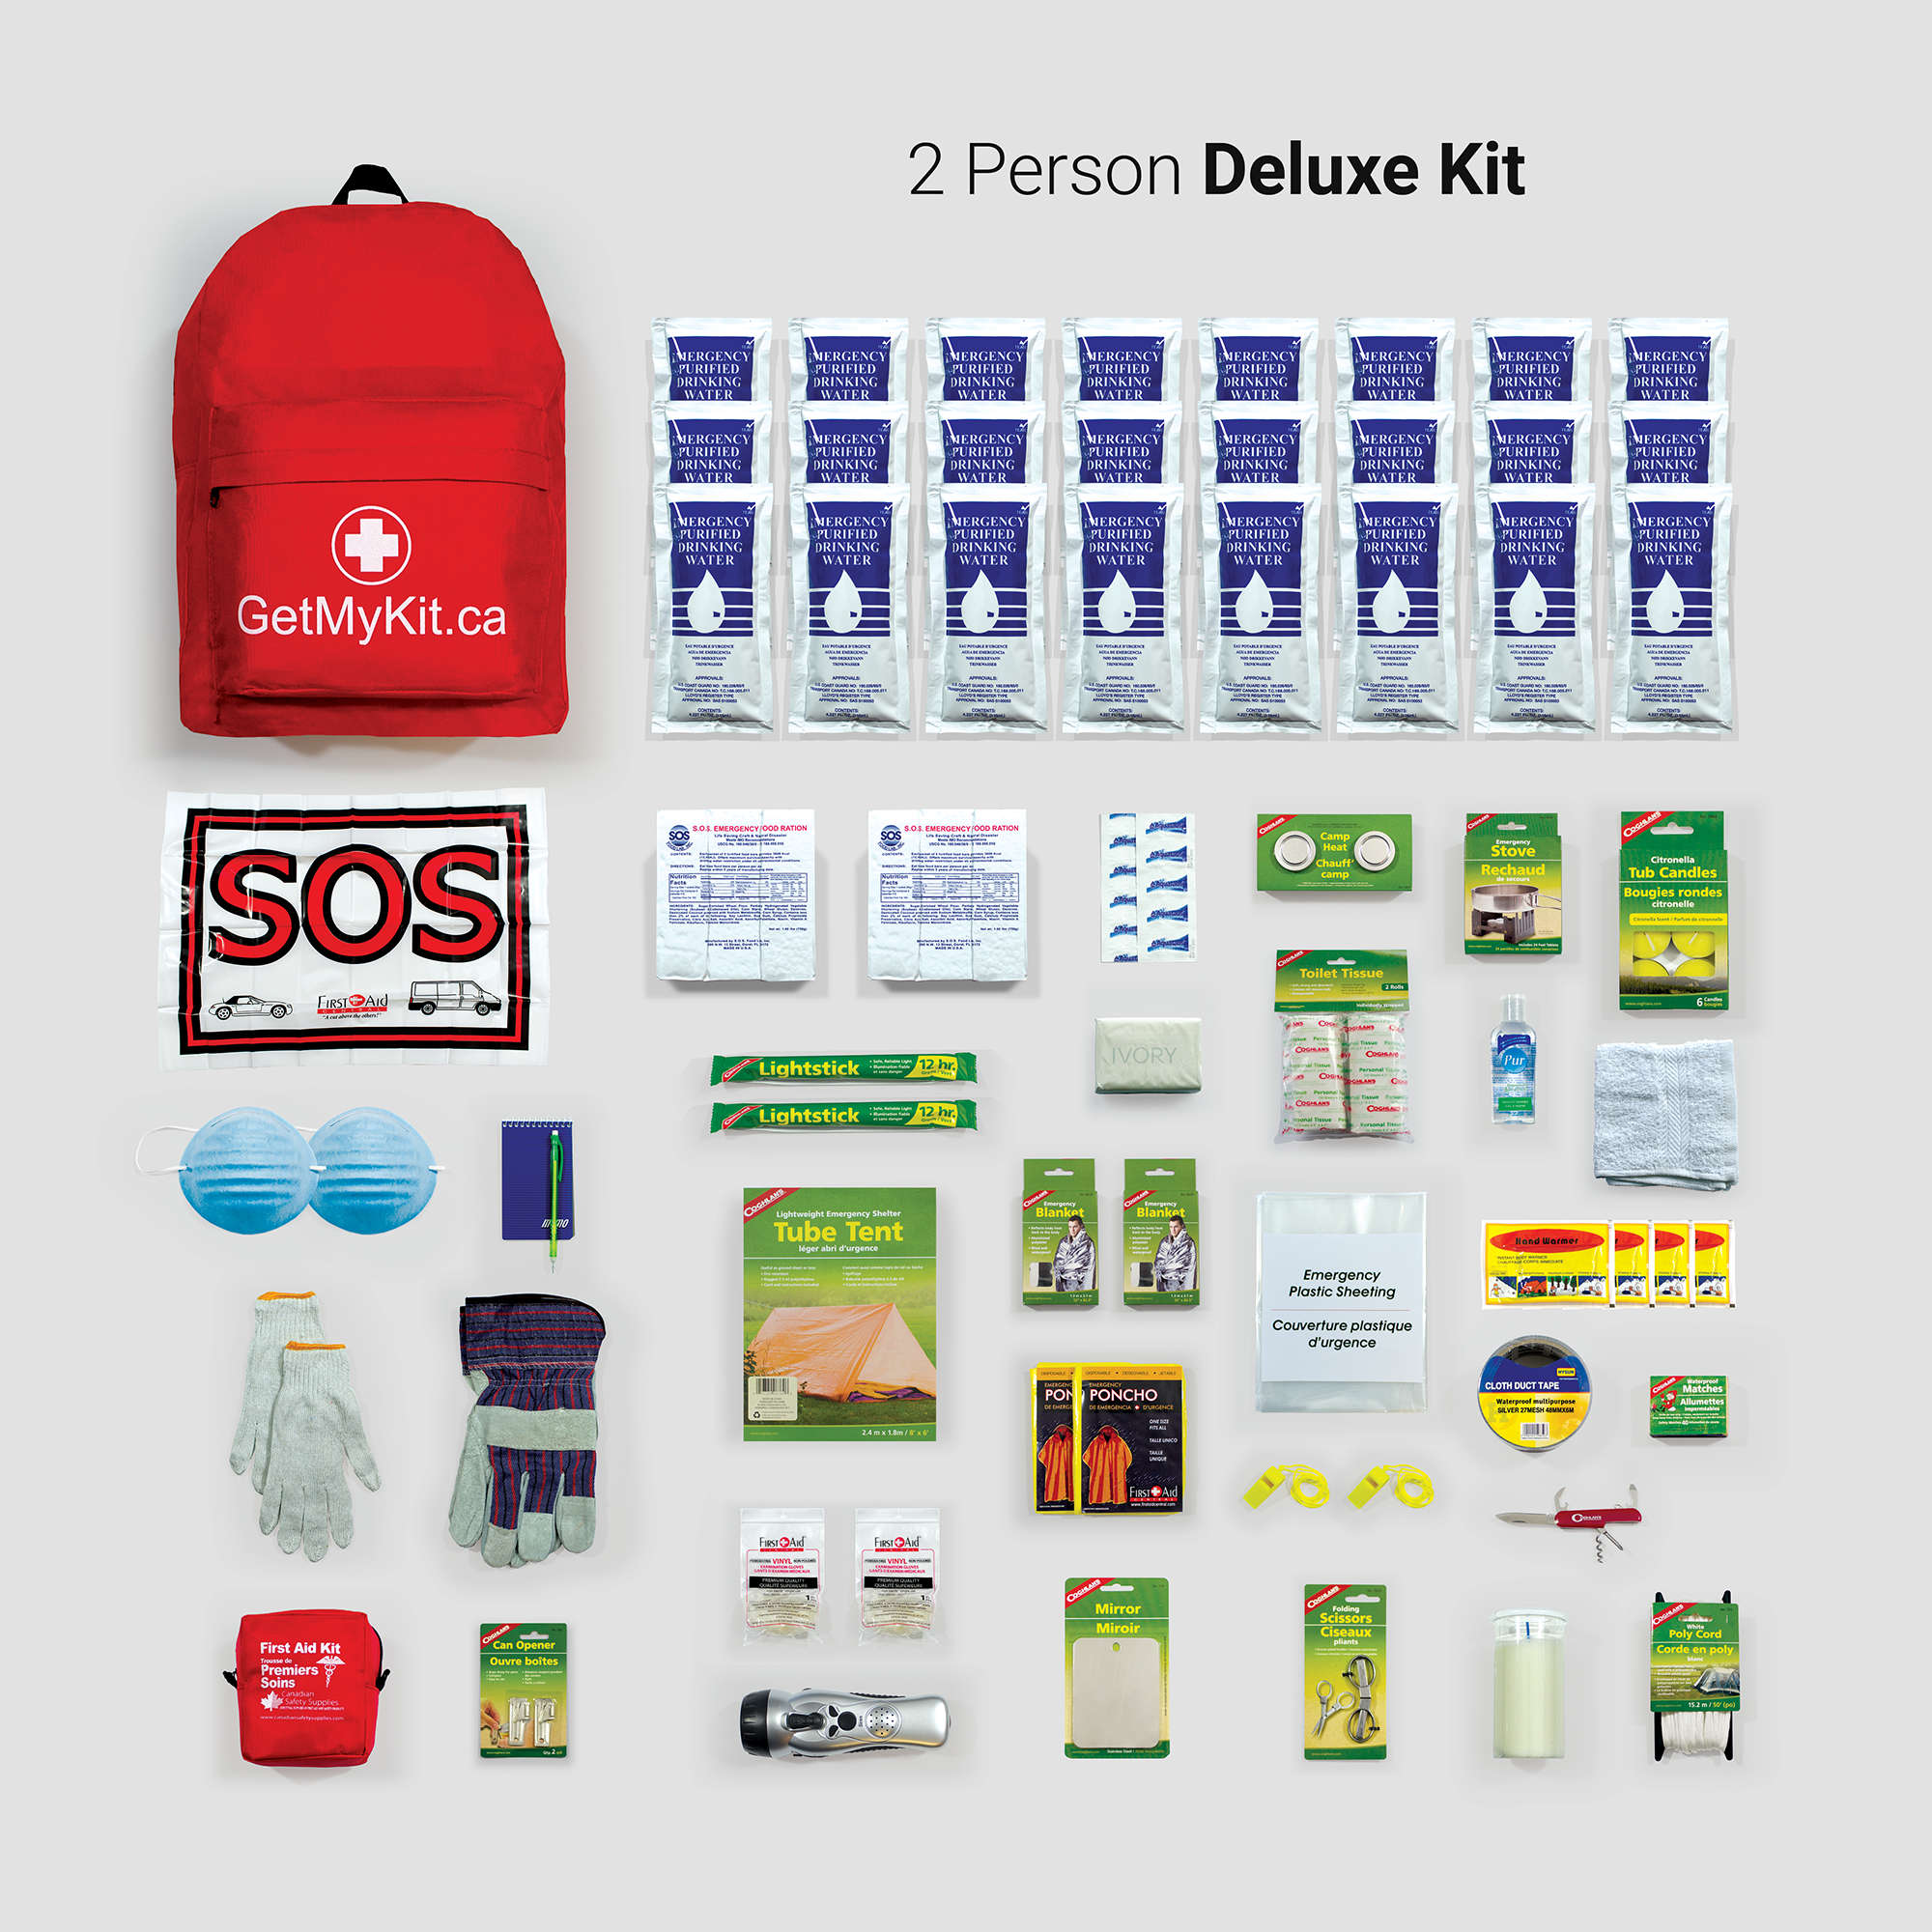 Deluxe Emergency Kit 2 Person Getmykit Ca